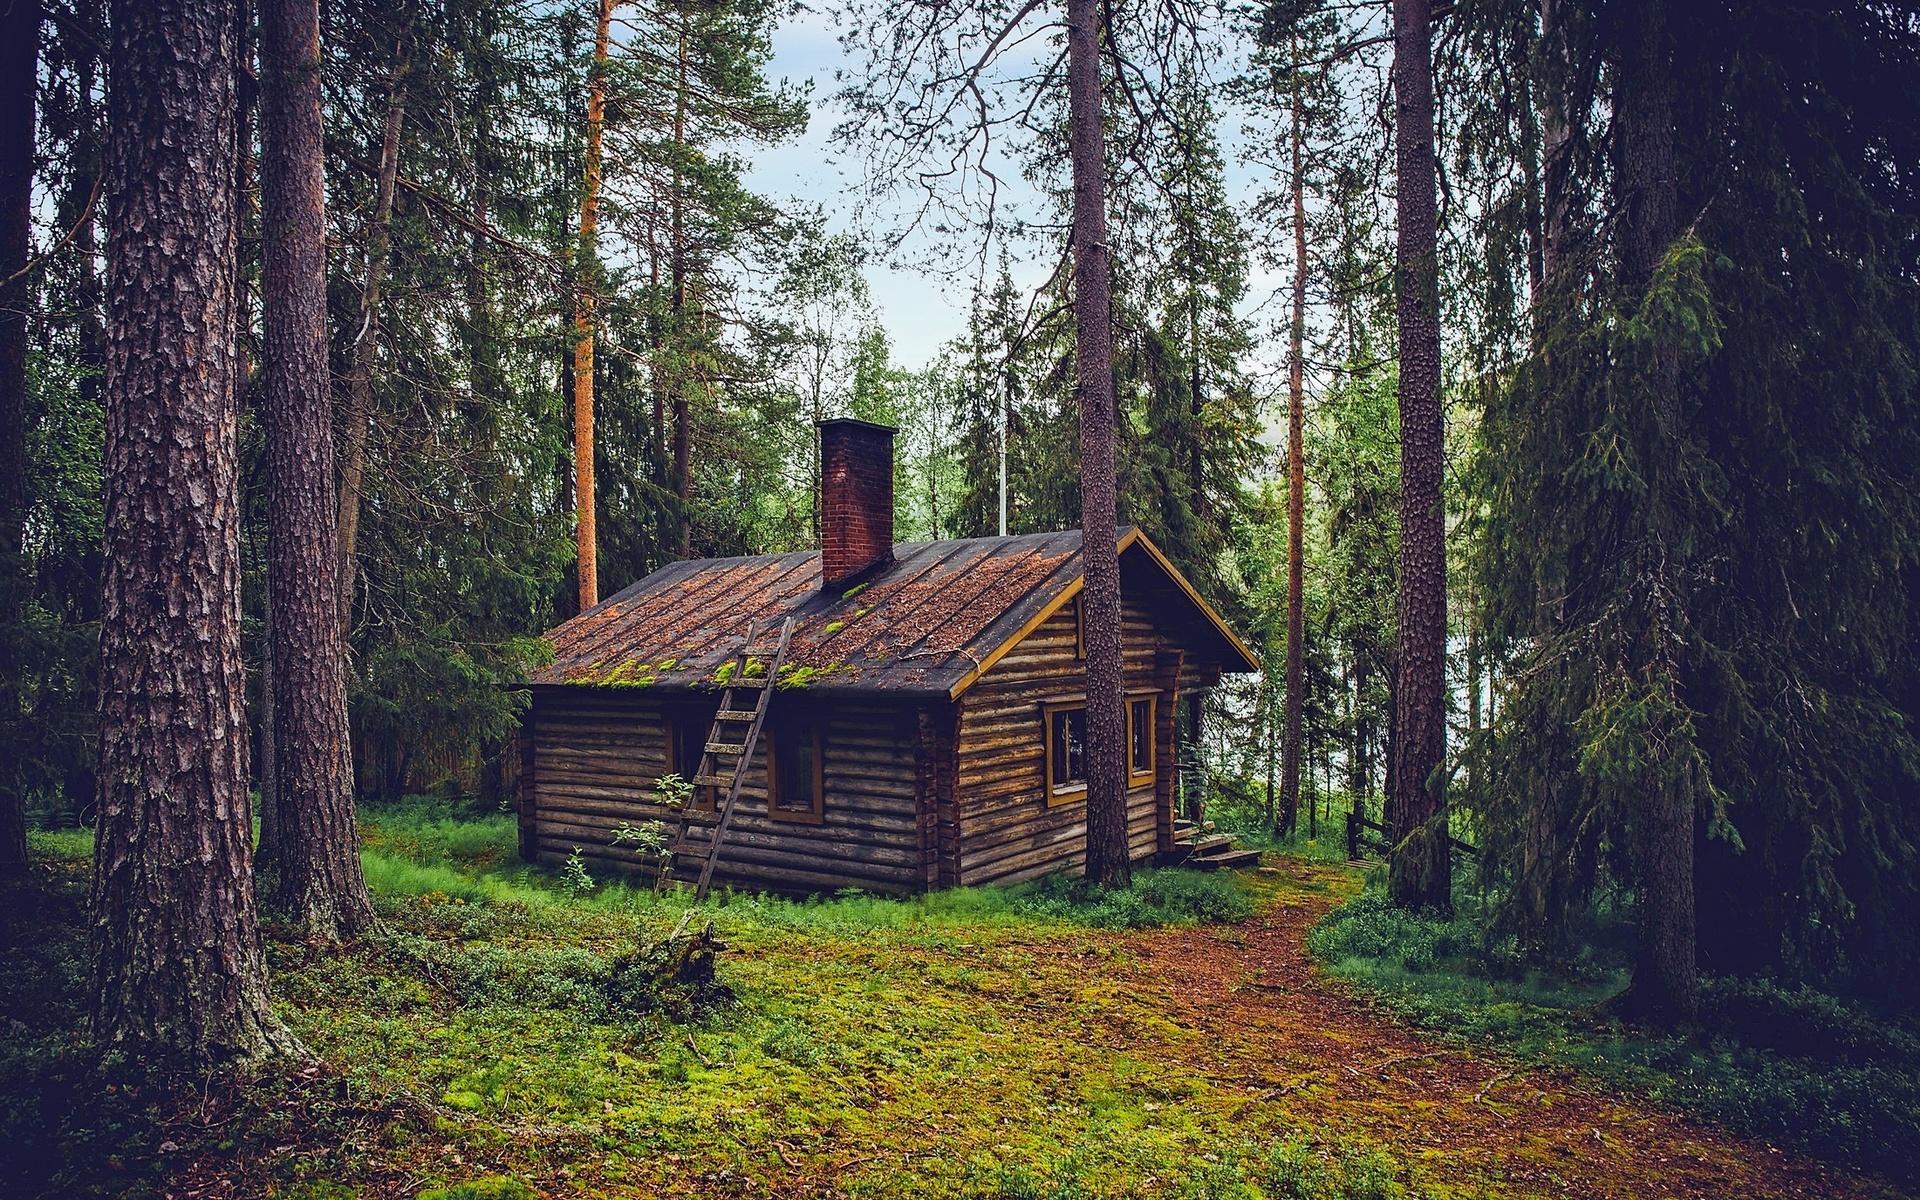 рассекретила, как дом в чаще леса картинка прямоугольных